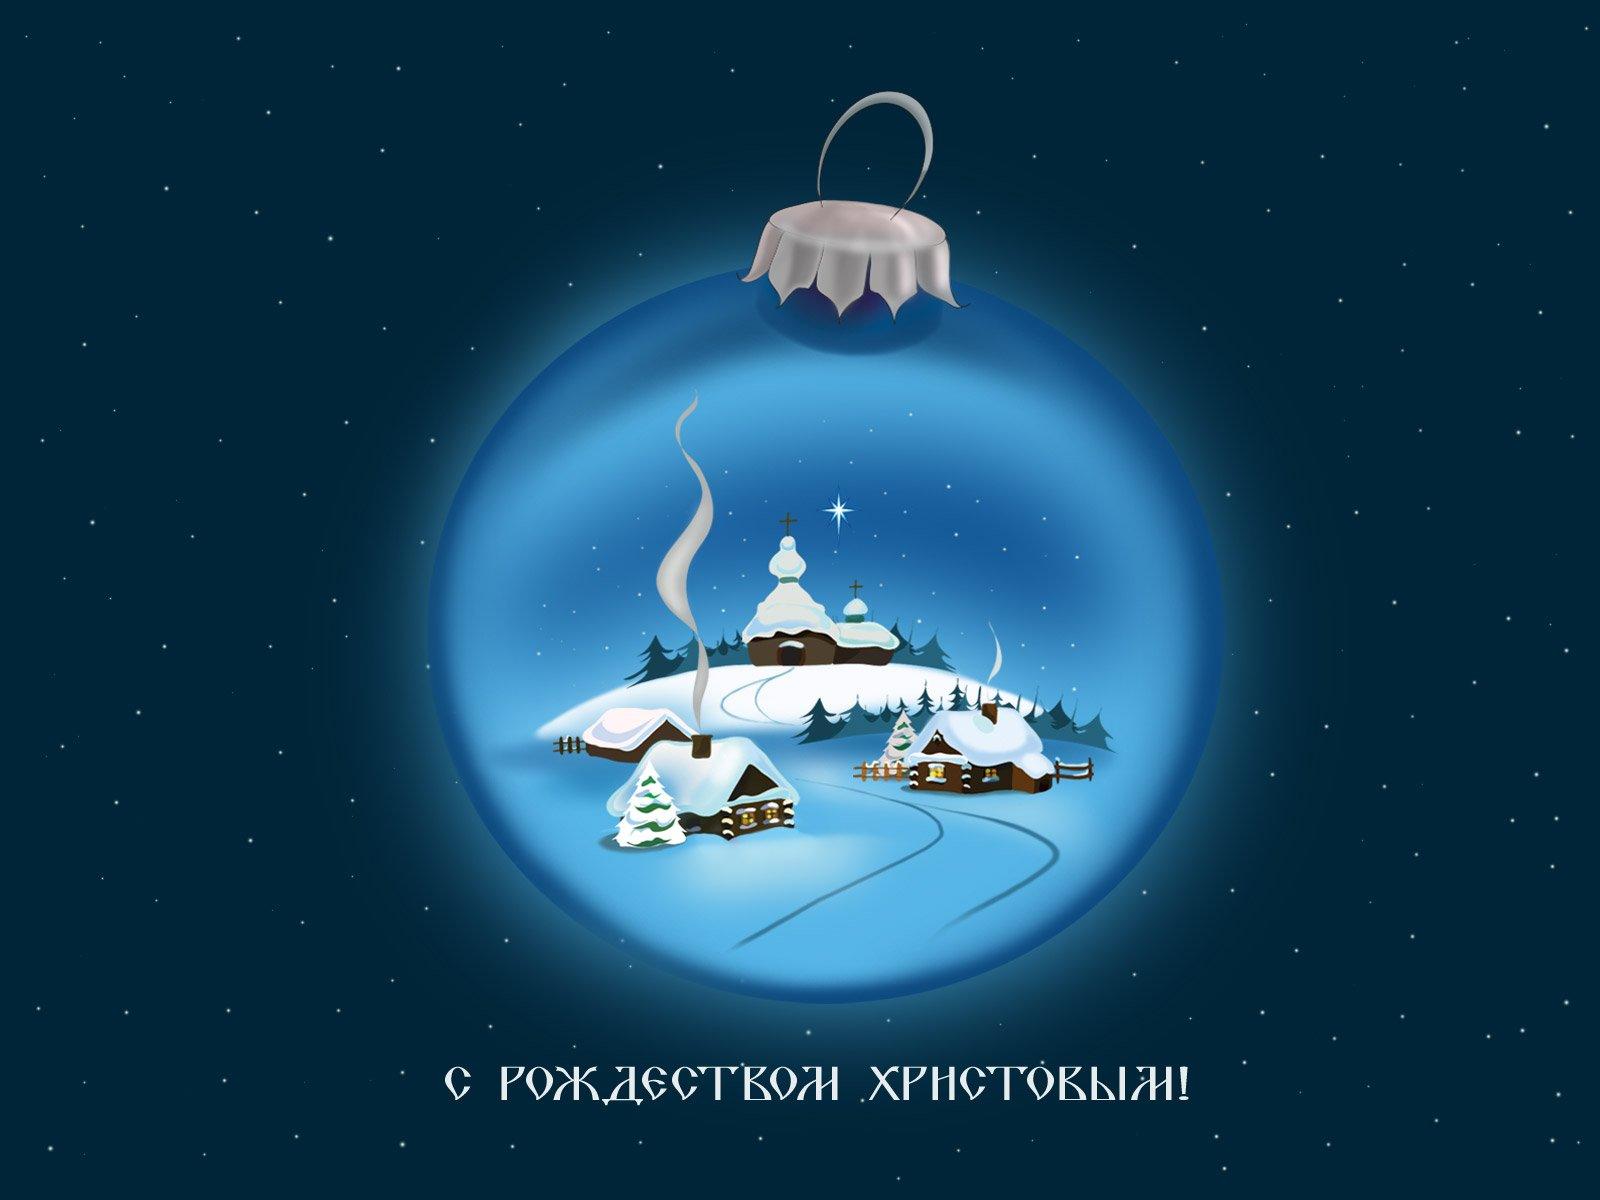 Открыток, дизайнерские открытки с рождеством христовым